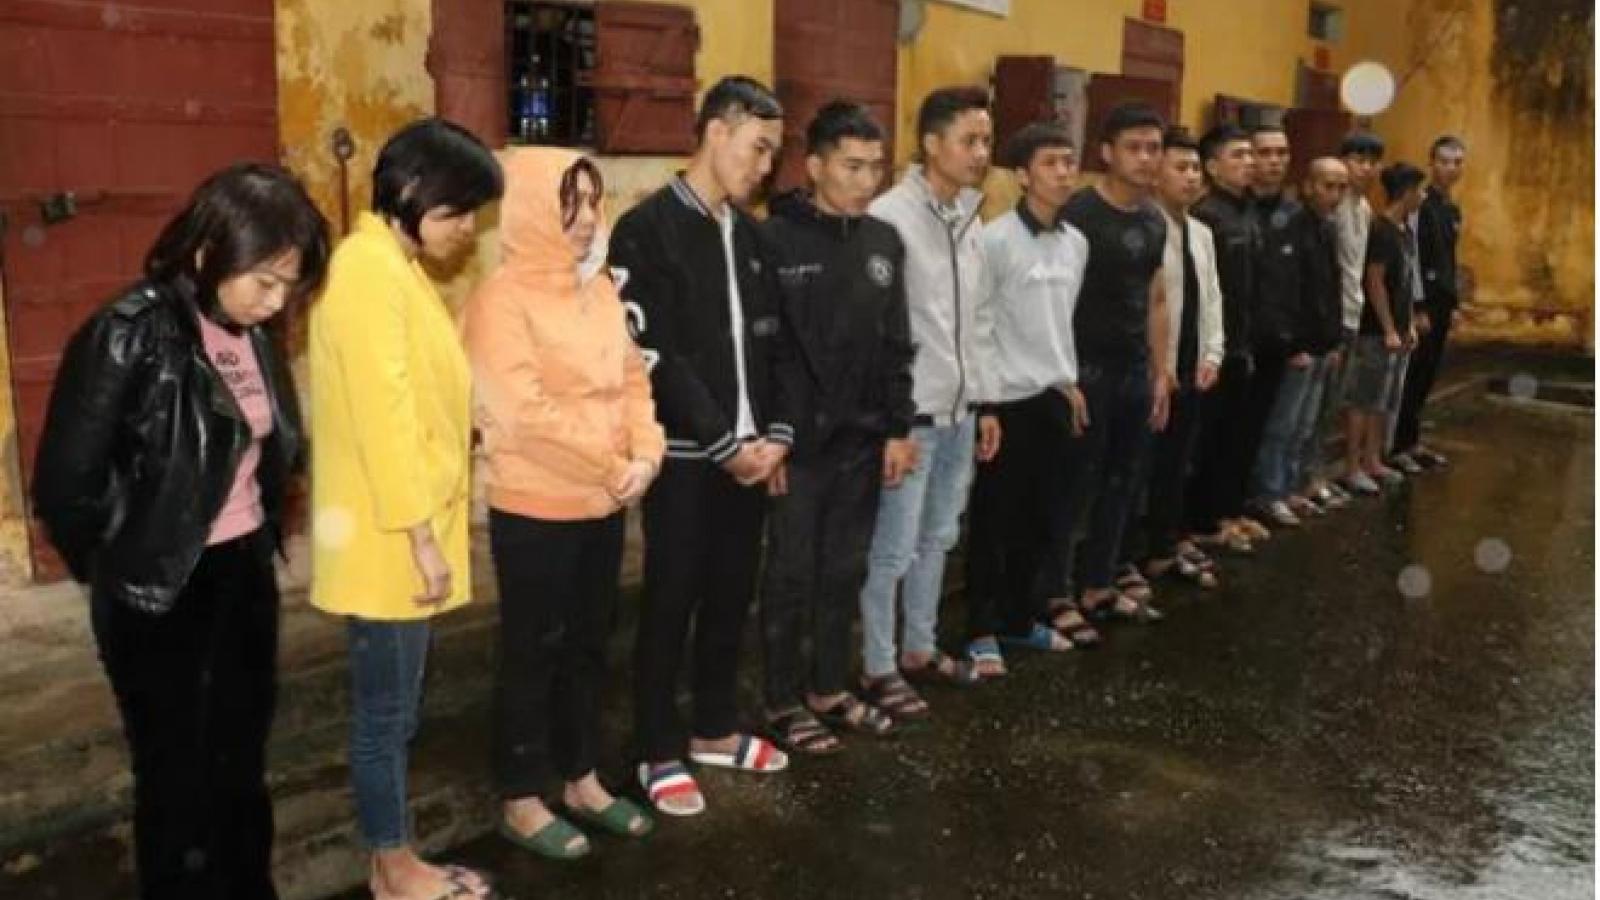 Bắt 3 nữ cán bộ ở Thanh Hóa trong đường dây làm văn bằng, chứng chỉ giả